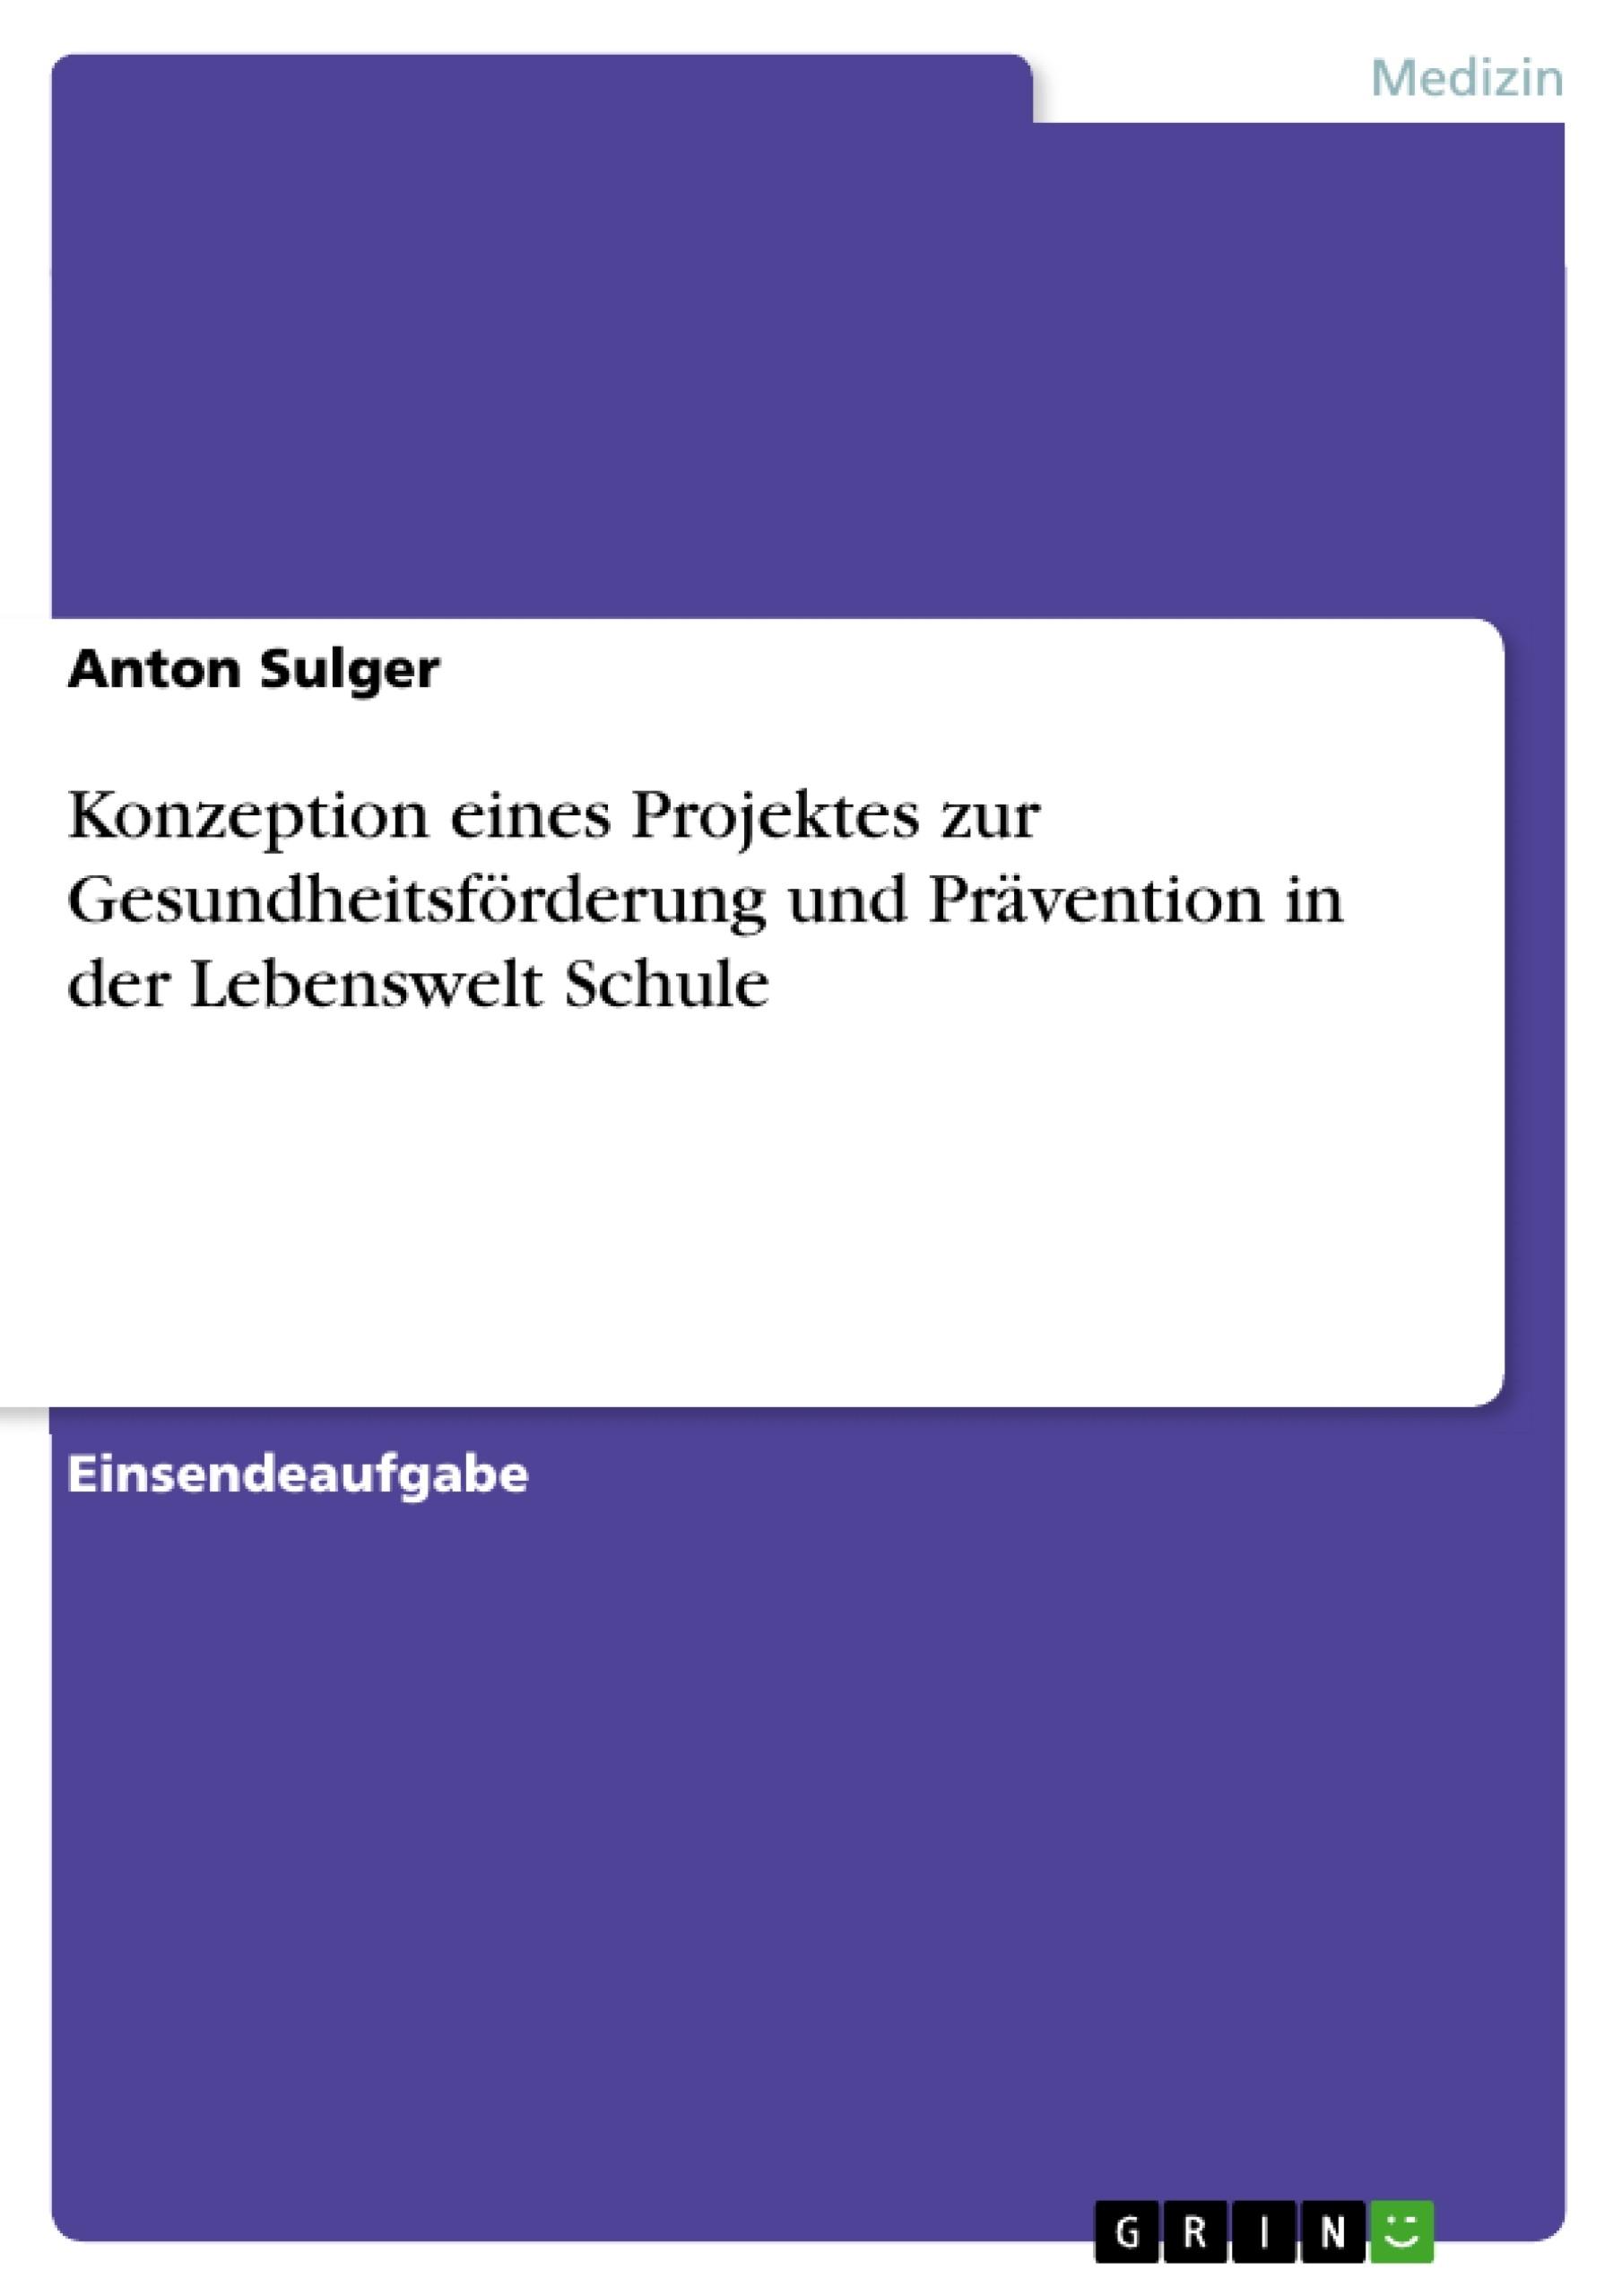 Titel: Konzeption eines Projektes zur Gesundheitsförderung und Prävention in der Lebenswelt Schule